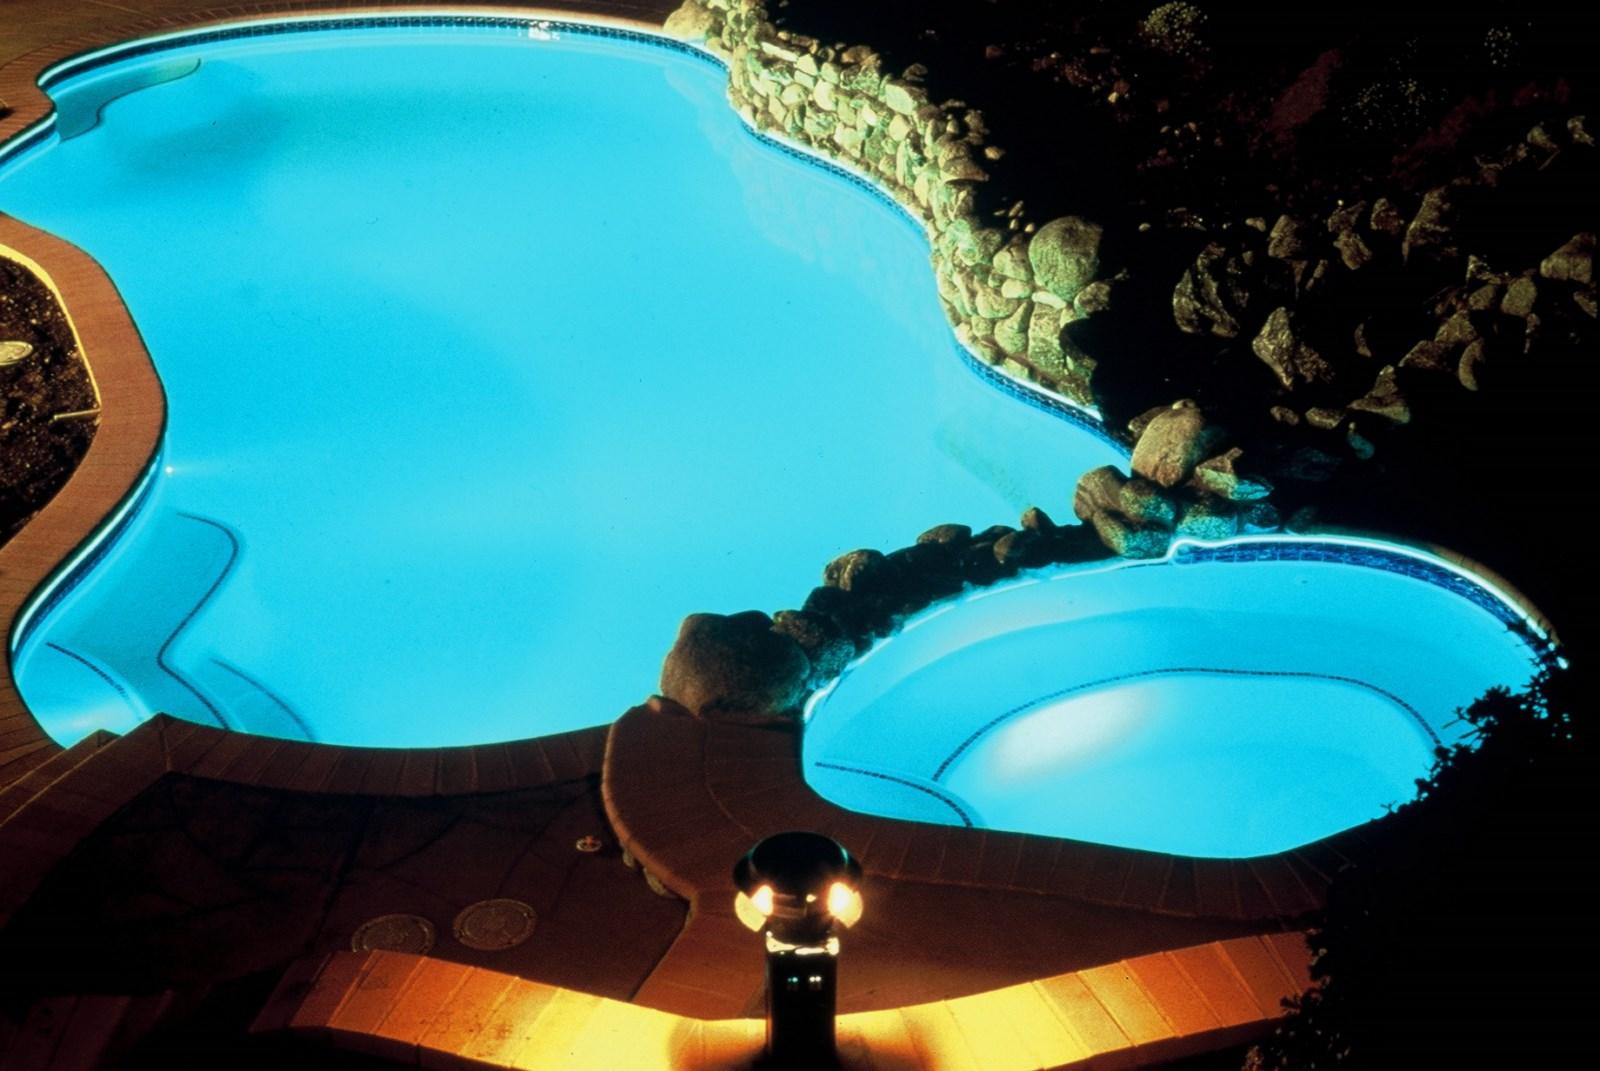 Fabricant de piscine en bois hors sol ouest lyonnais les for Piscine hors sol jacuzzi